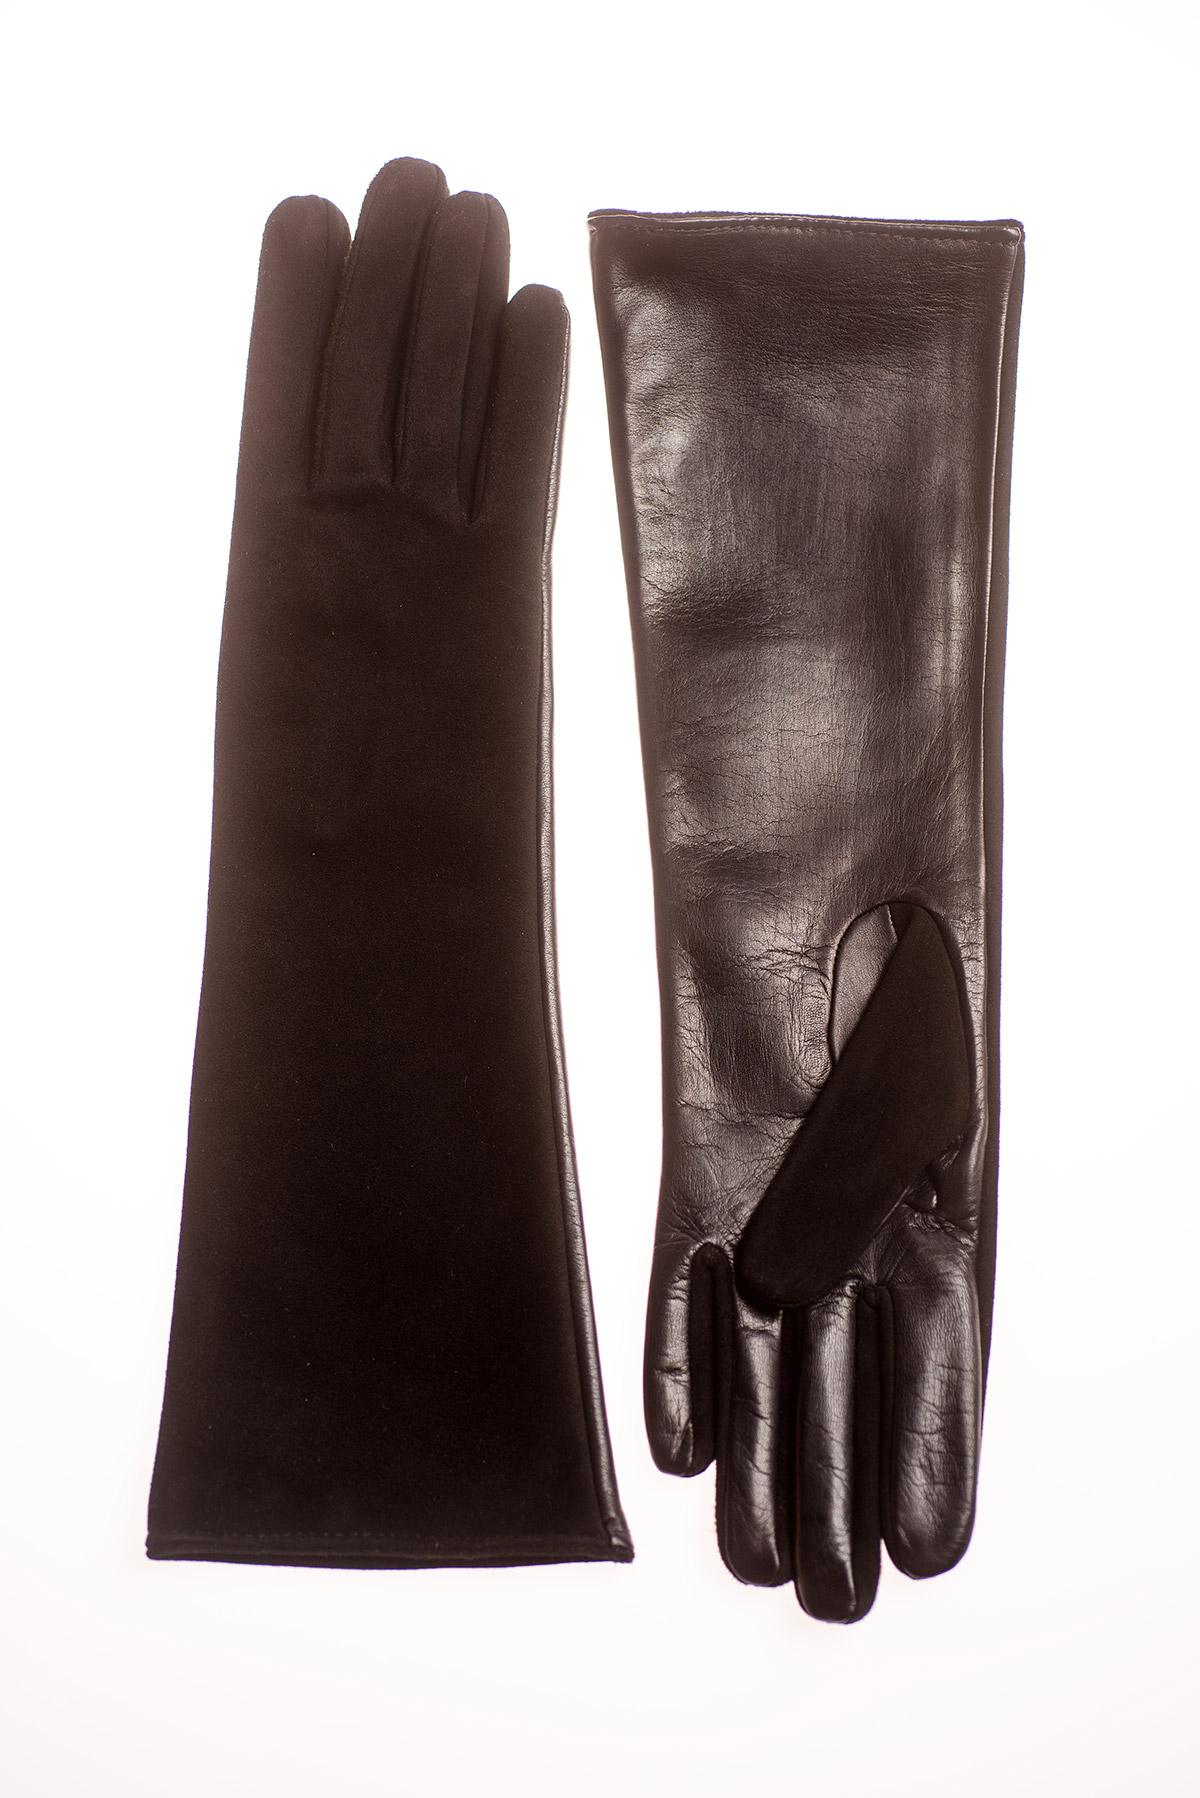 Mănuși de damă lungi, confectionate din piele naturală M101 thumbnail